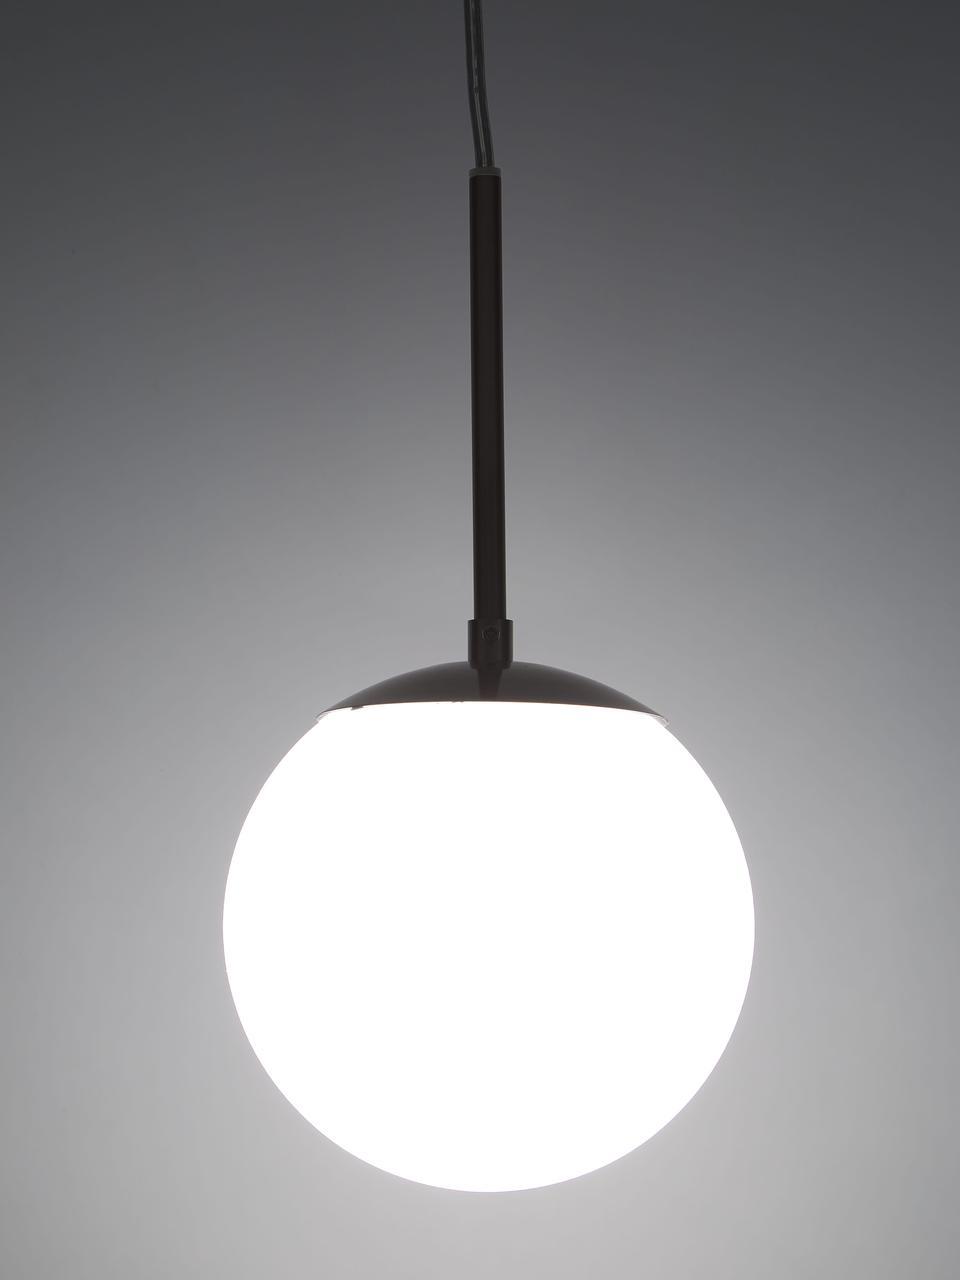 Lampada a sospensione in vetro opale Cafe, Paralume: vetro opale, Decorazione: metallo, Baldacchino: materiale sintetico, Bianco, argentato, Ø 15 x Alt. 29 cm